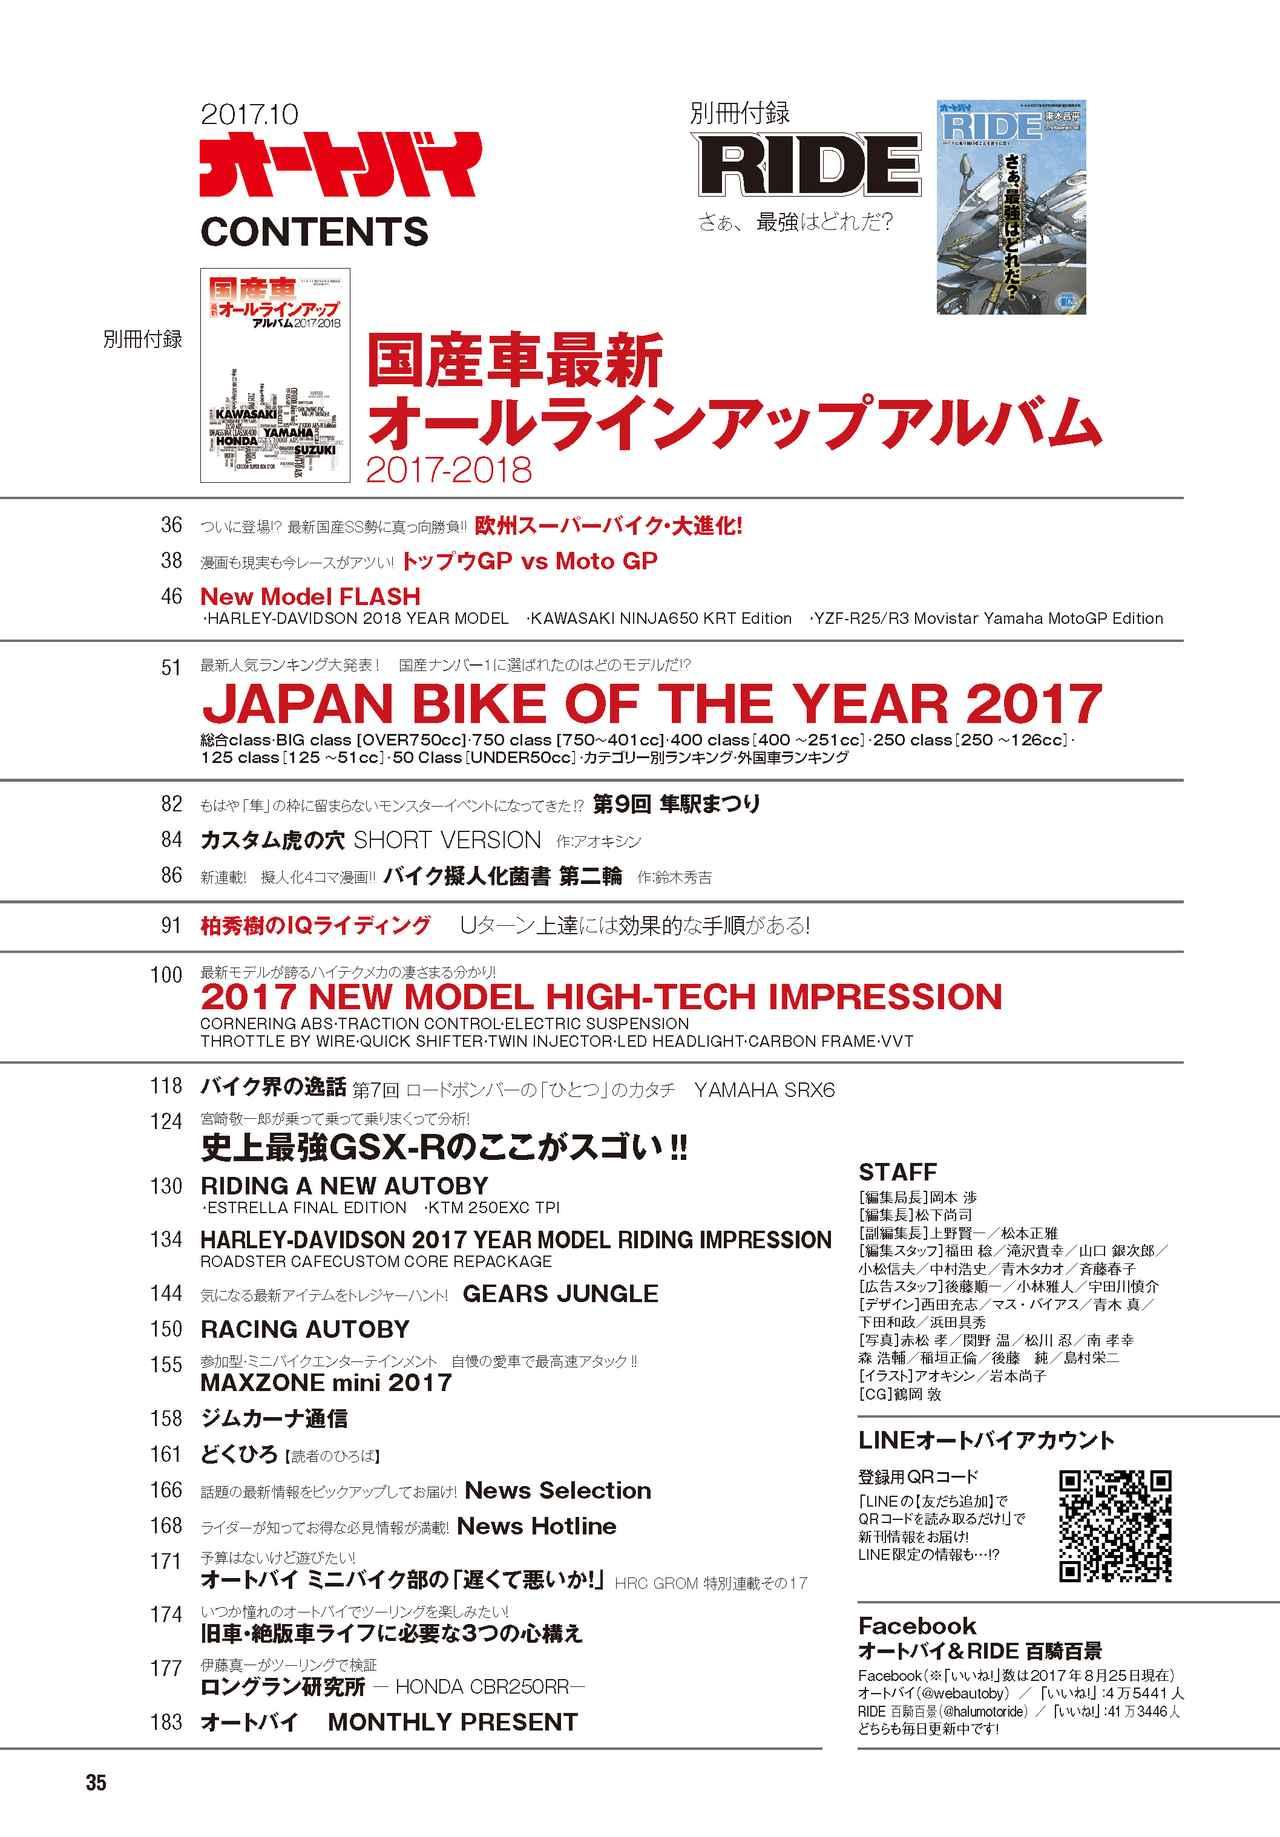 画像9: 別冊付録は現行モデル網羅の「オール国産車名鑑2017-2018」!